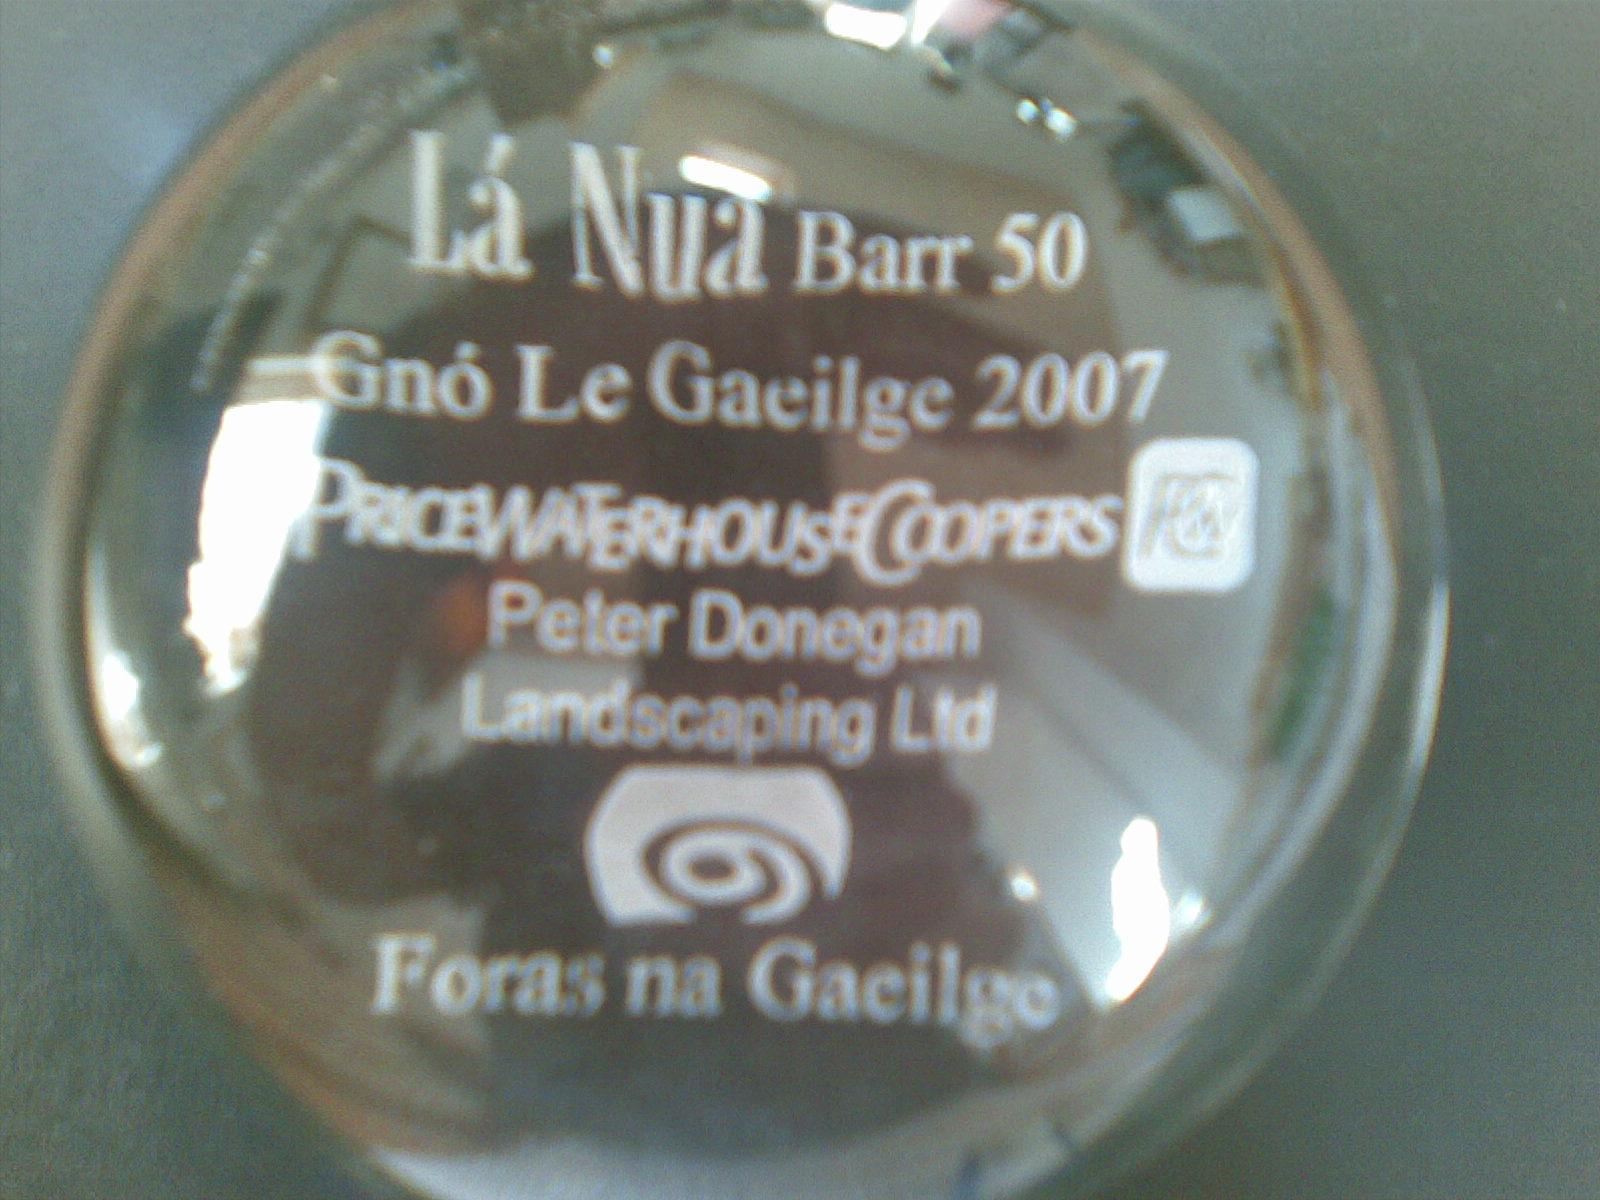 barr 50 award